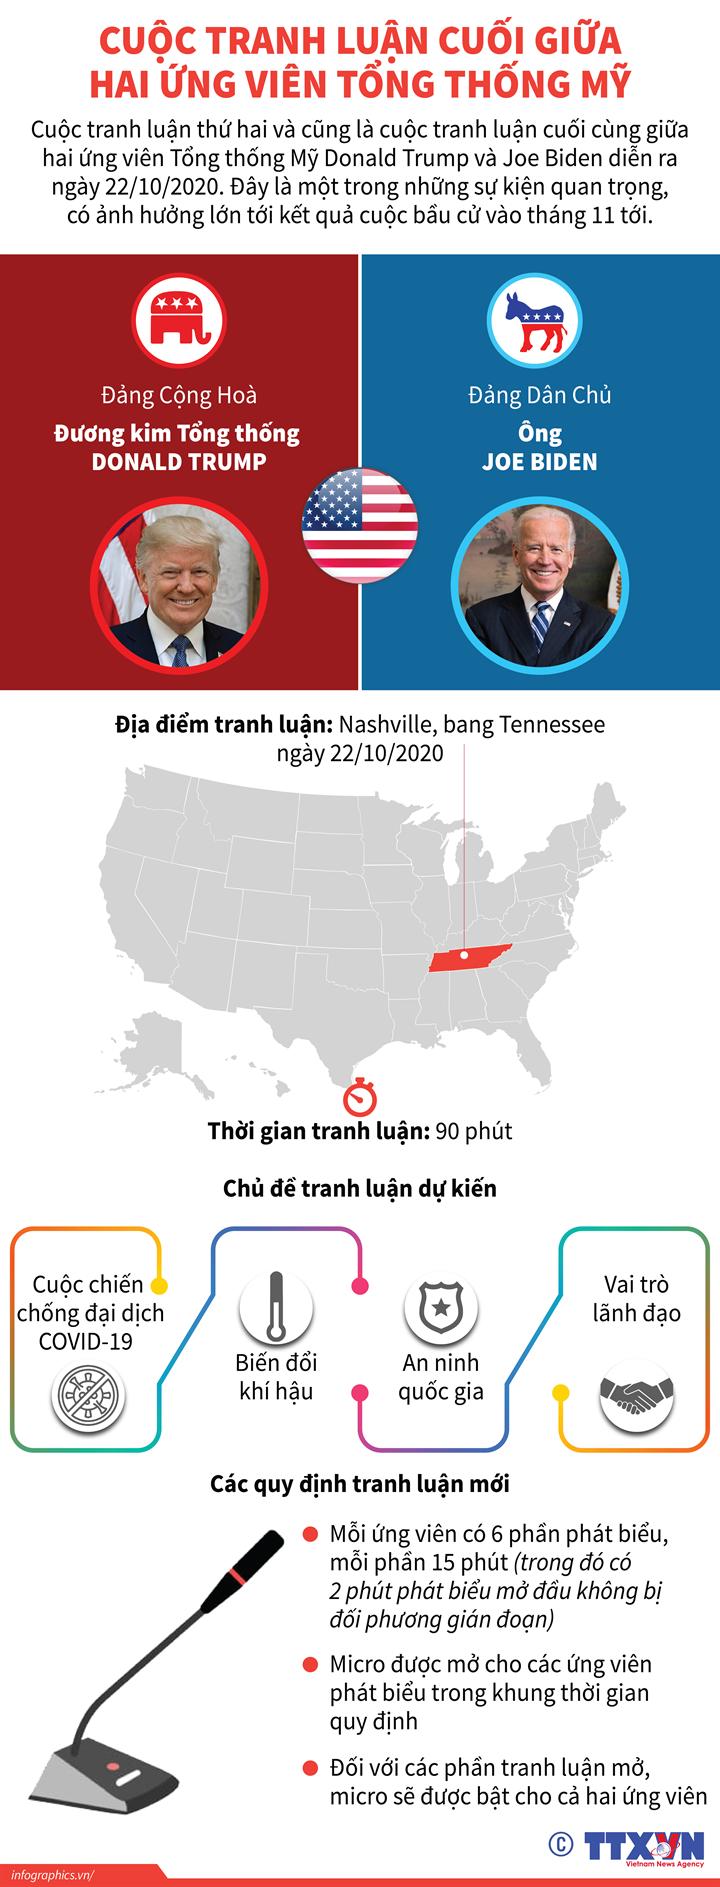 Cuộc tranh luận cuối giữa hai ứng viên Tổng thống Mỹ